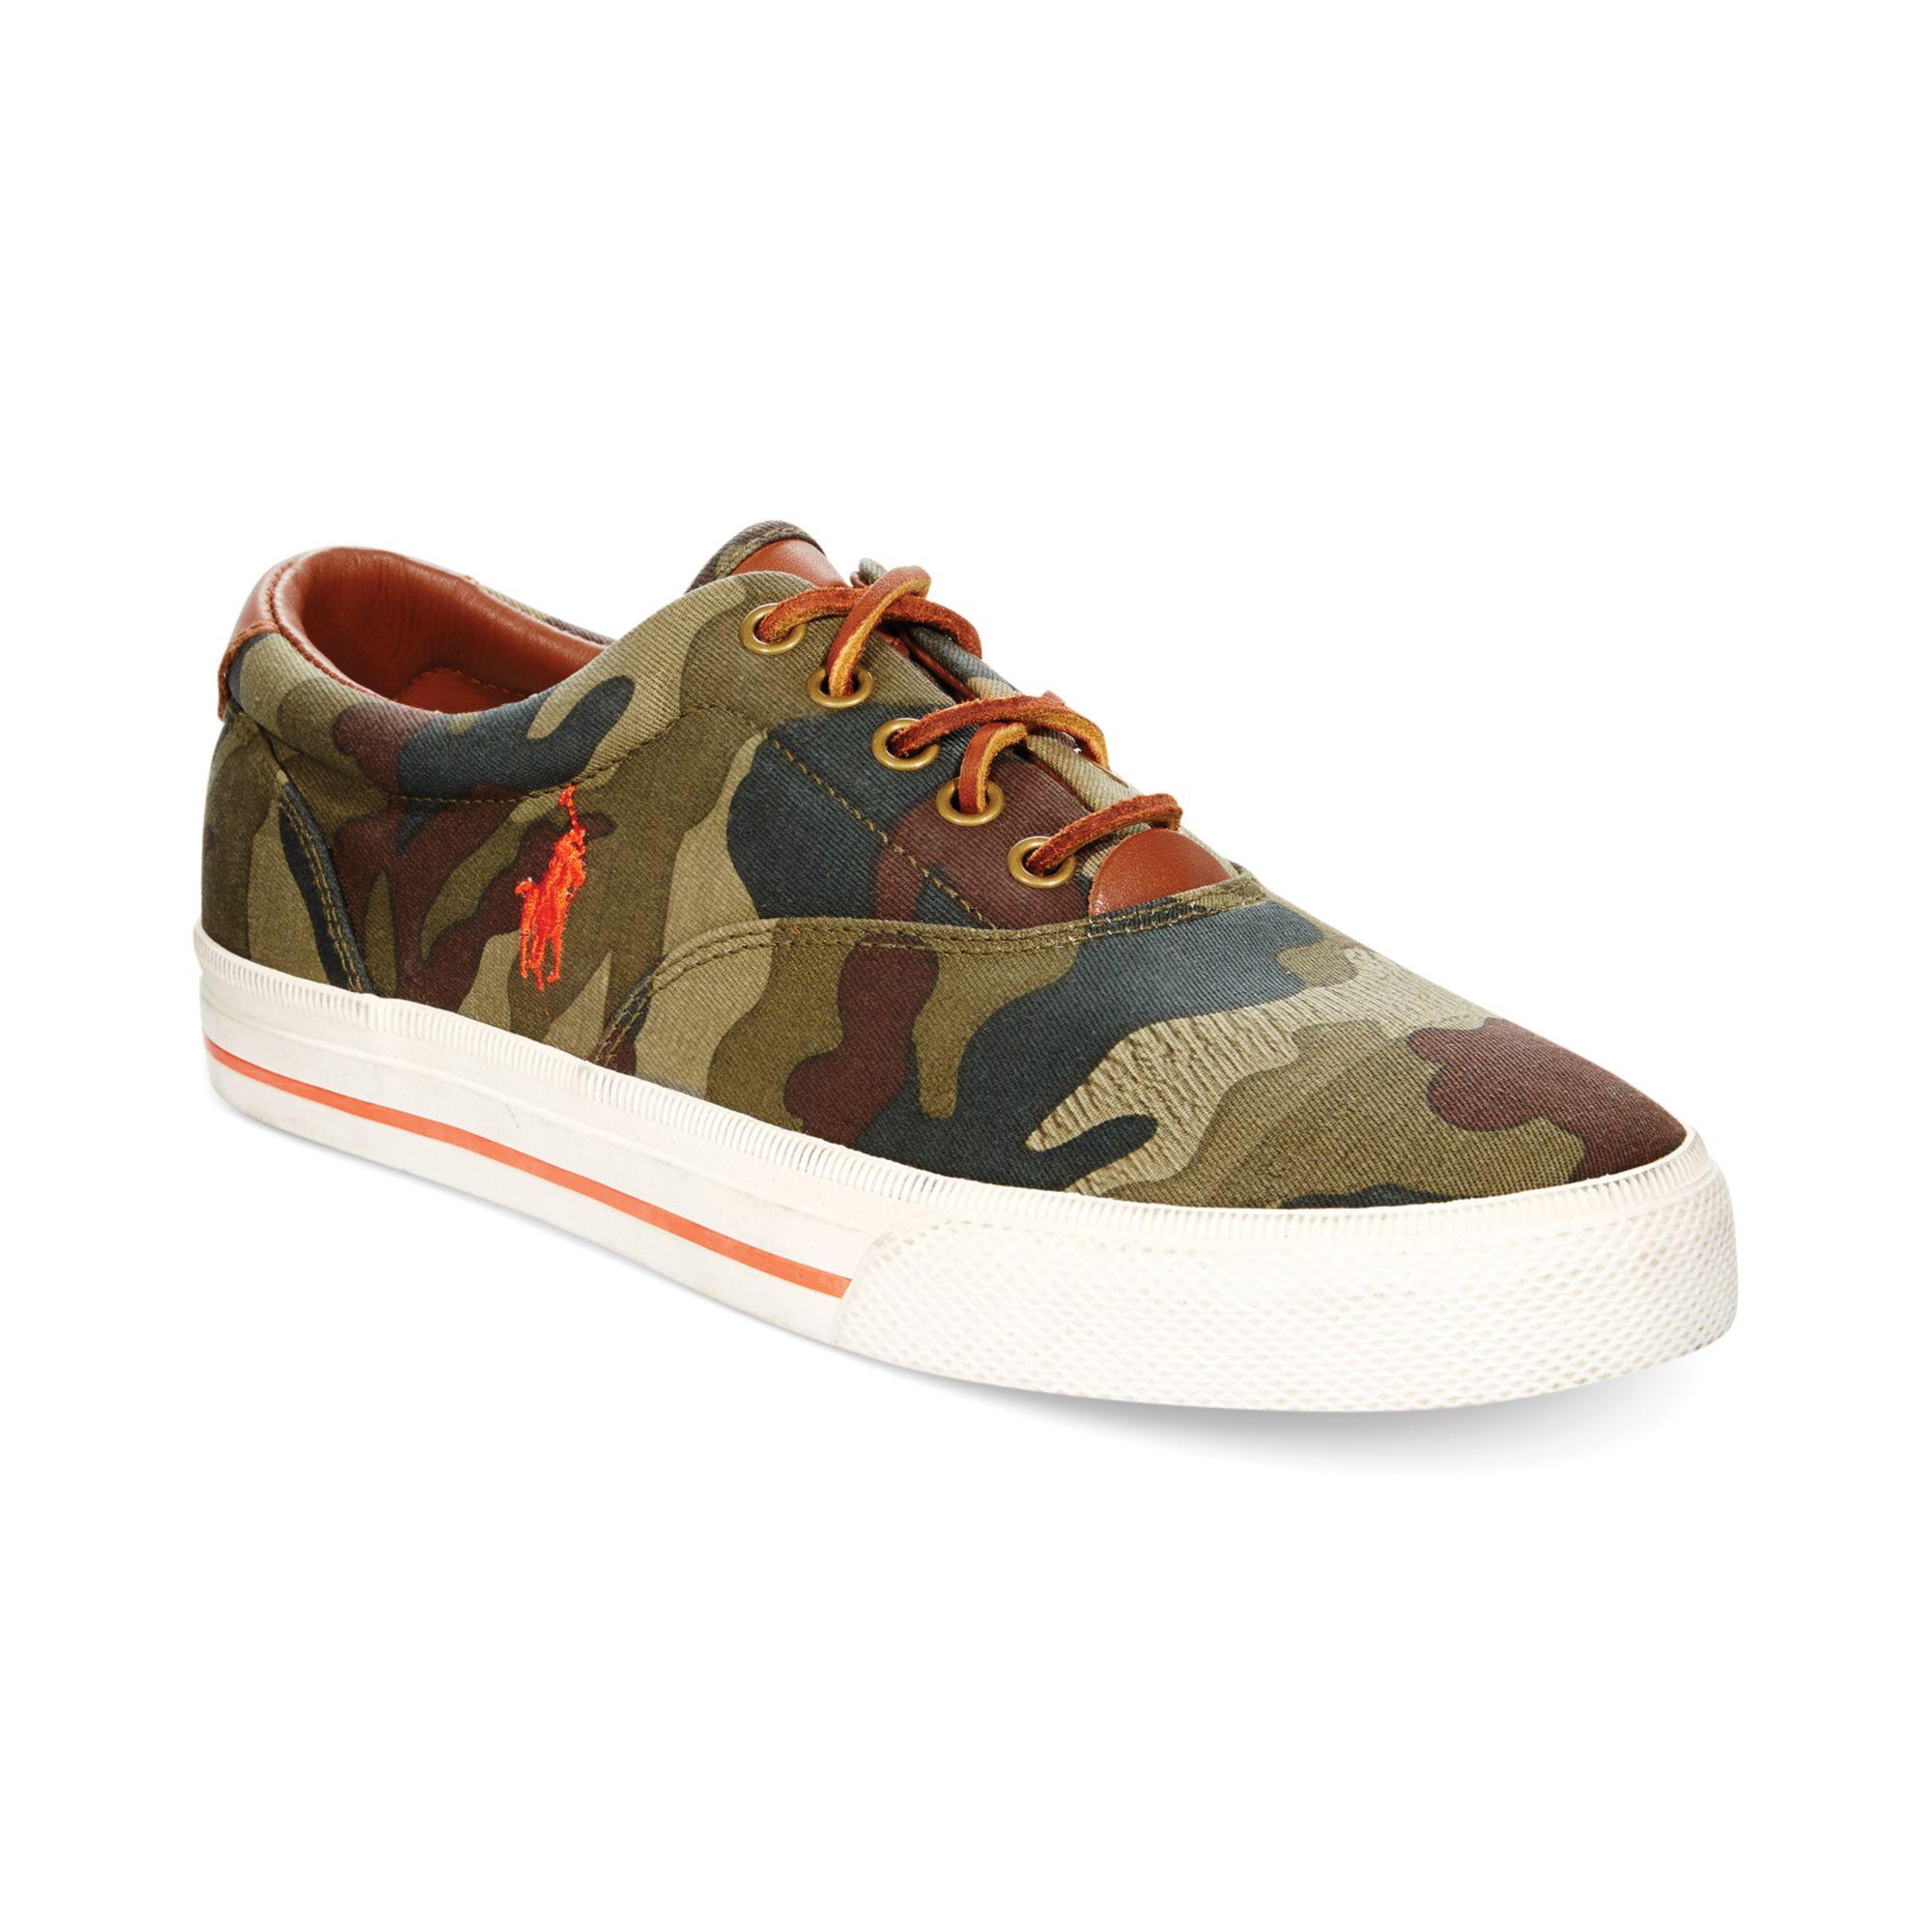 Ralph Lauren Polo Vaughn Camo Sneakers